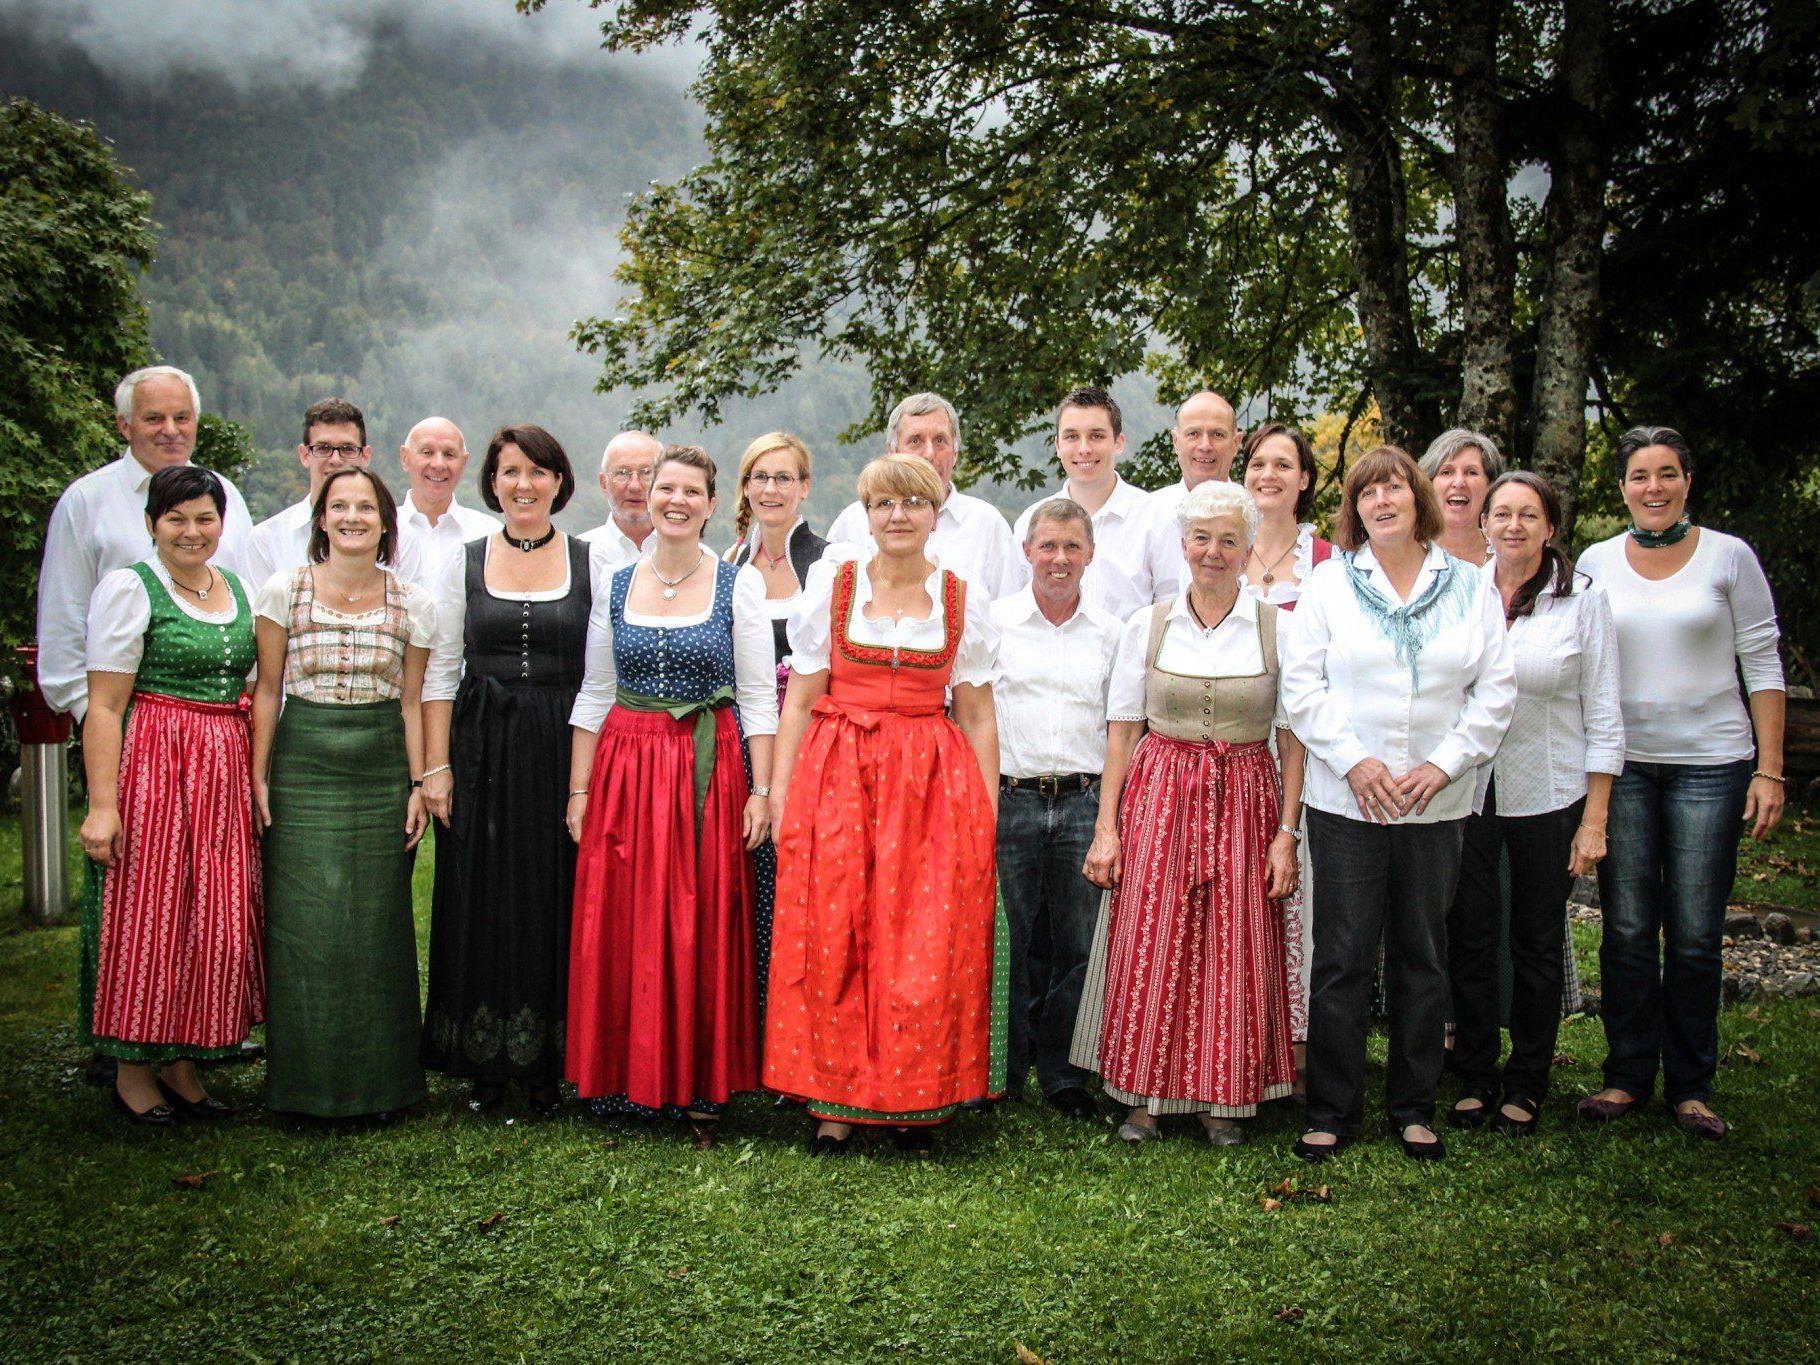 Die Chorszene aus dem Bezirk Bludenz ist beim Wertungssingen gut vertreten, im Bild die Chorgemeinschaft Cantemus.